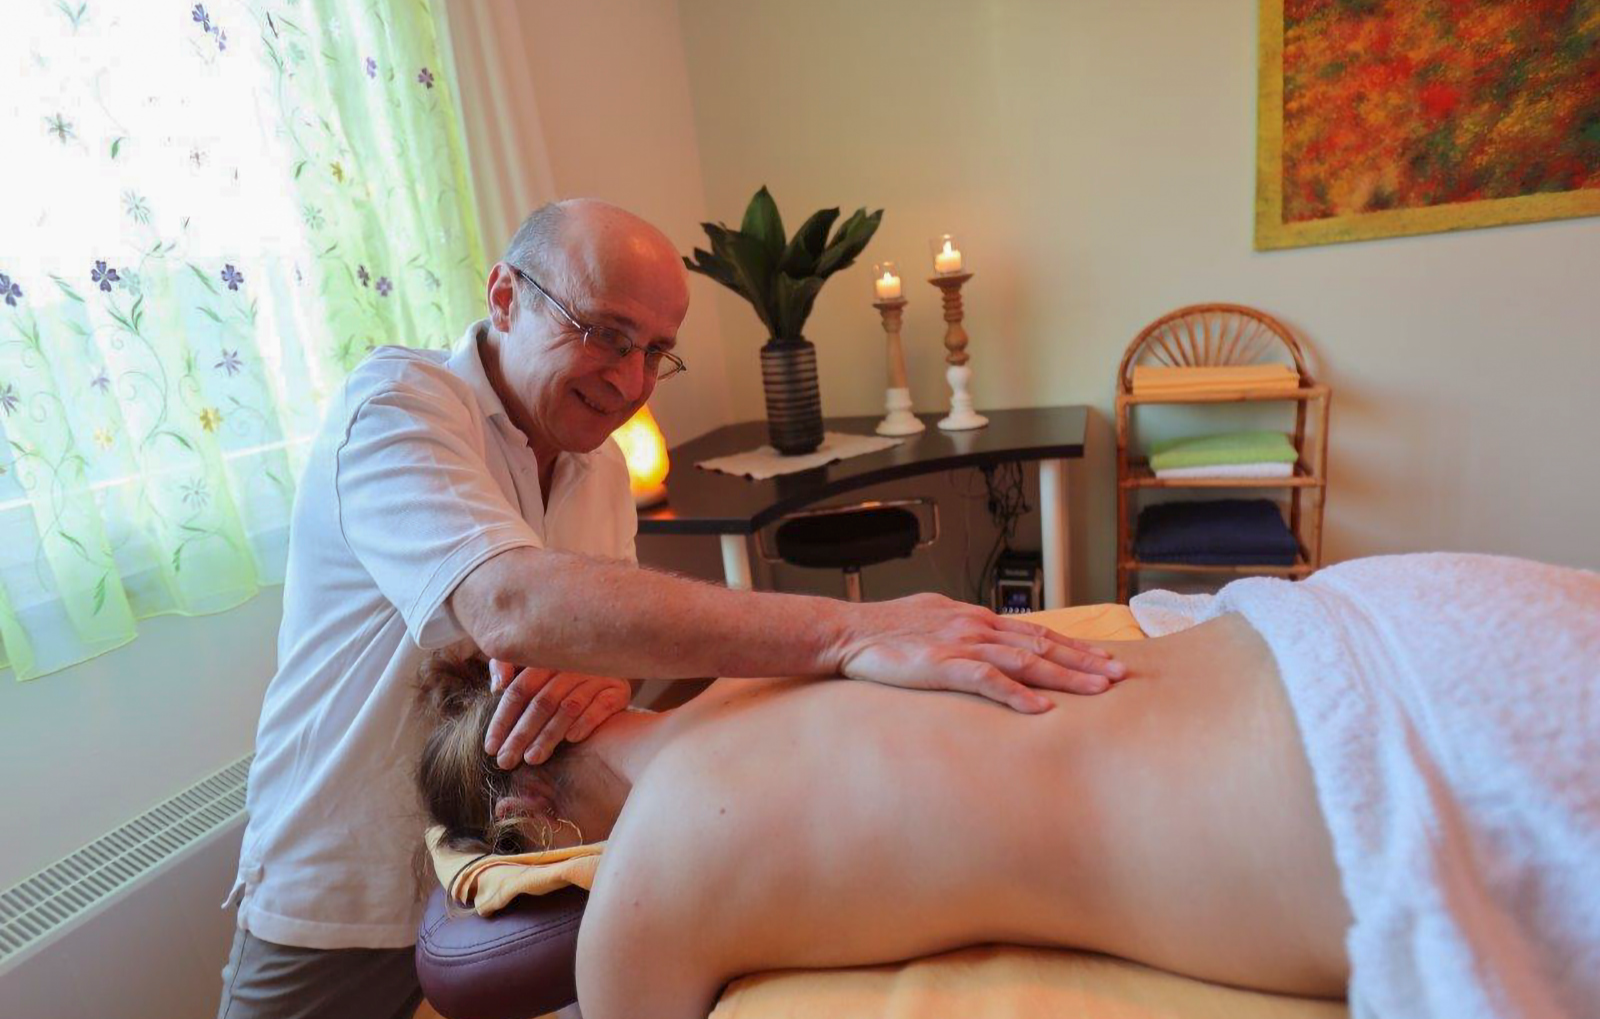 ganzkoerpermassage-villach-bg3